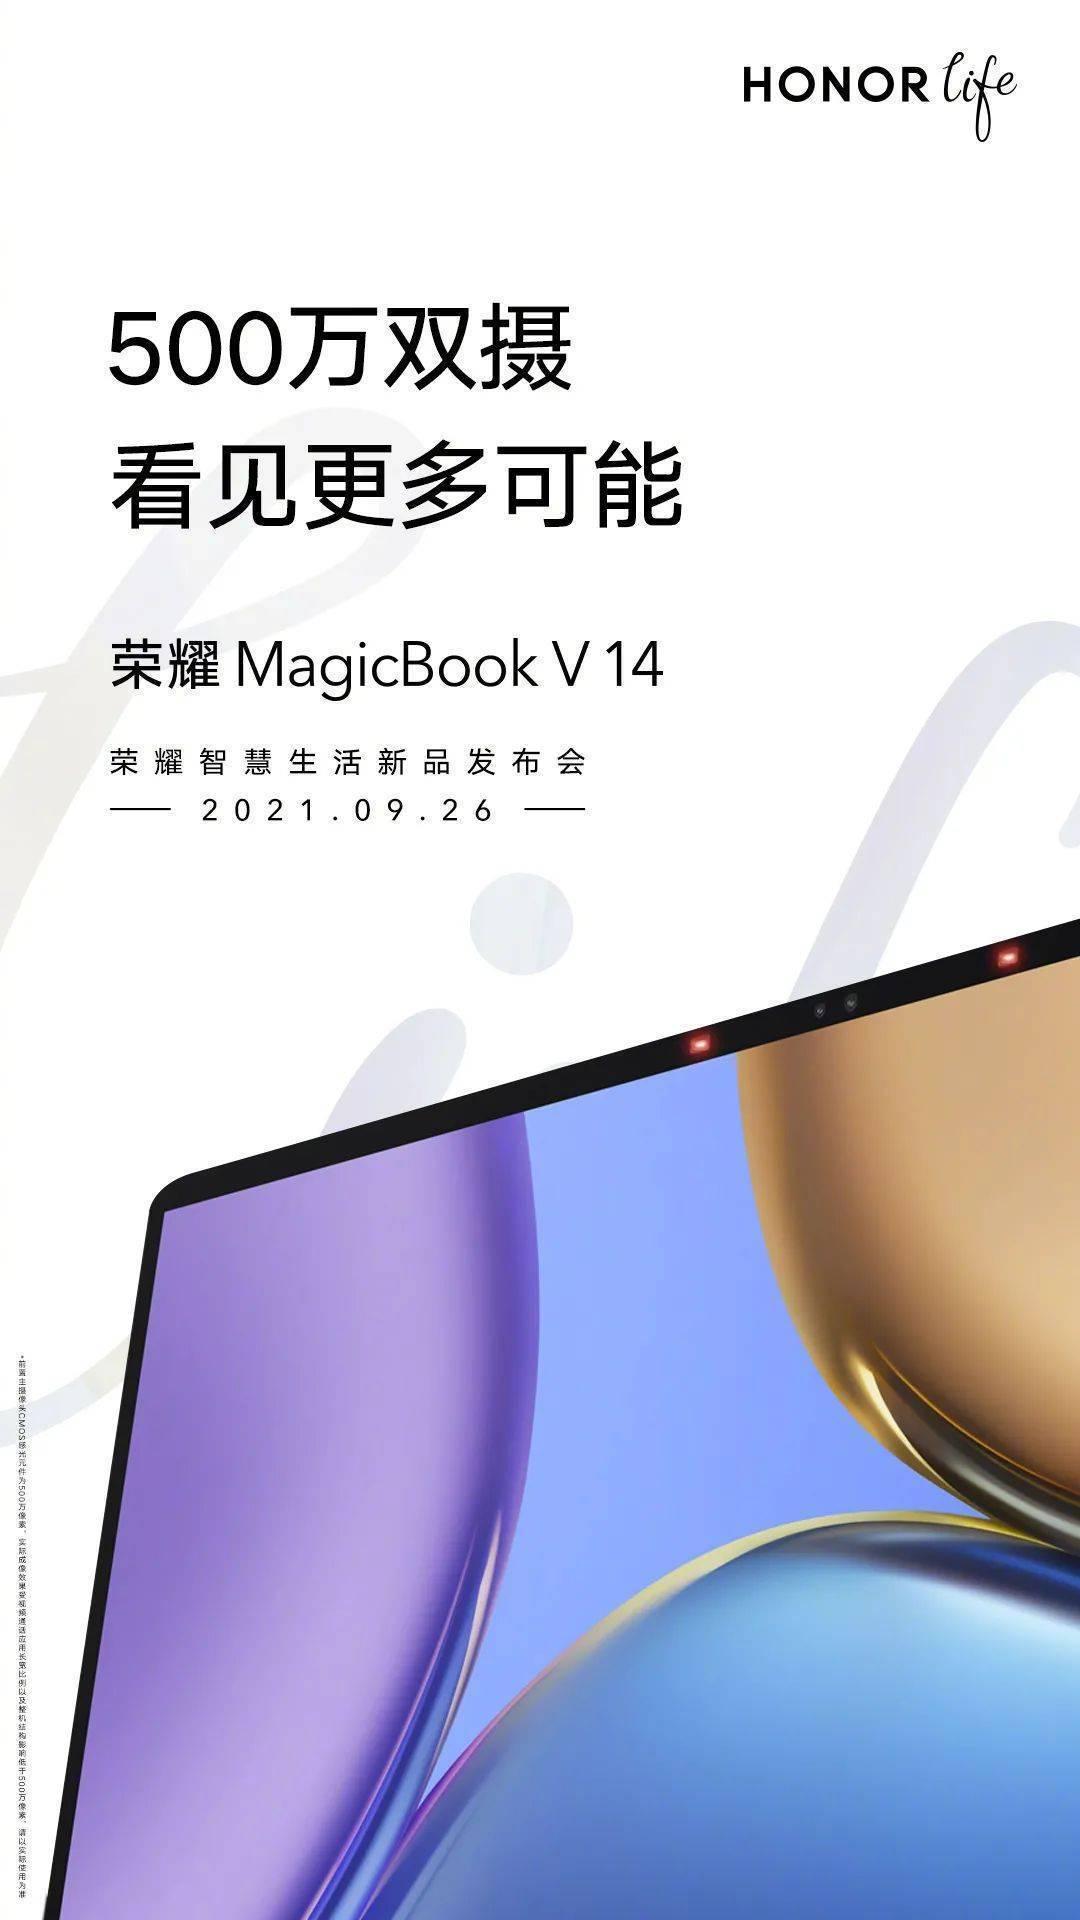 荣耀MagicBook V14系列新款笔记本电脑,采用500万双摄